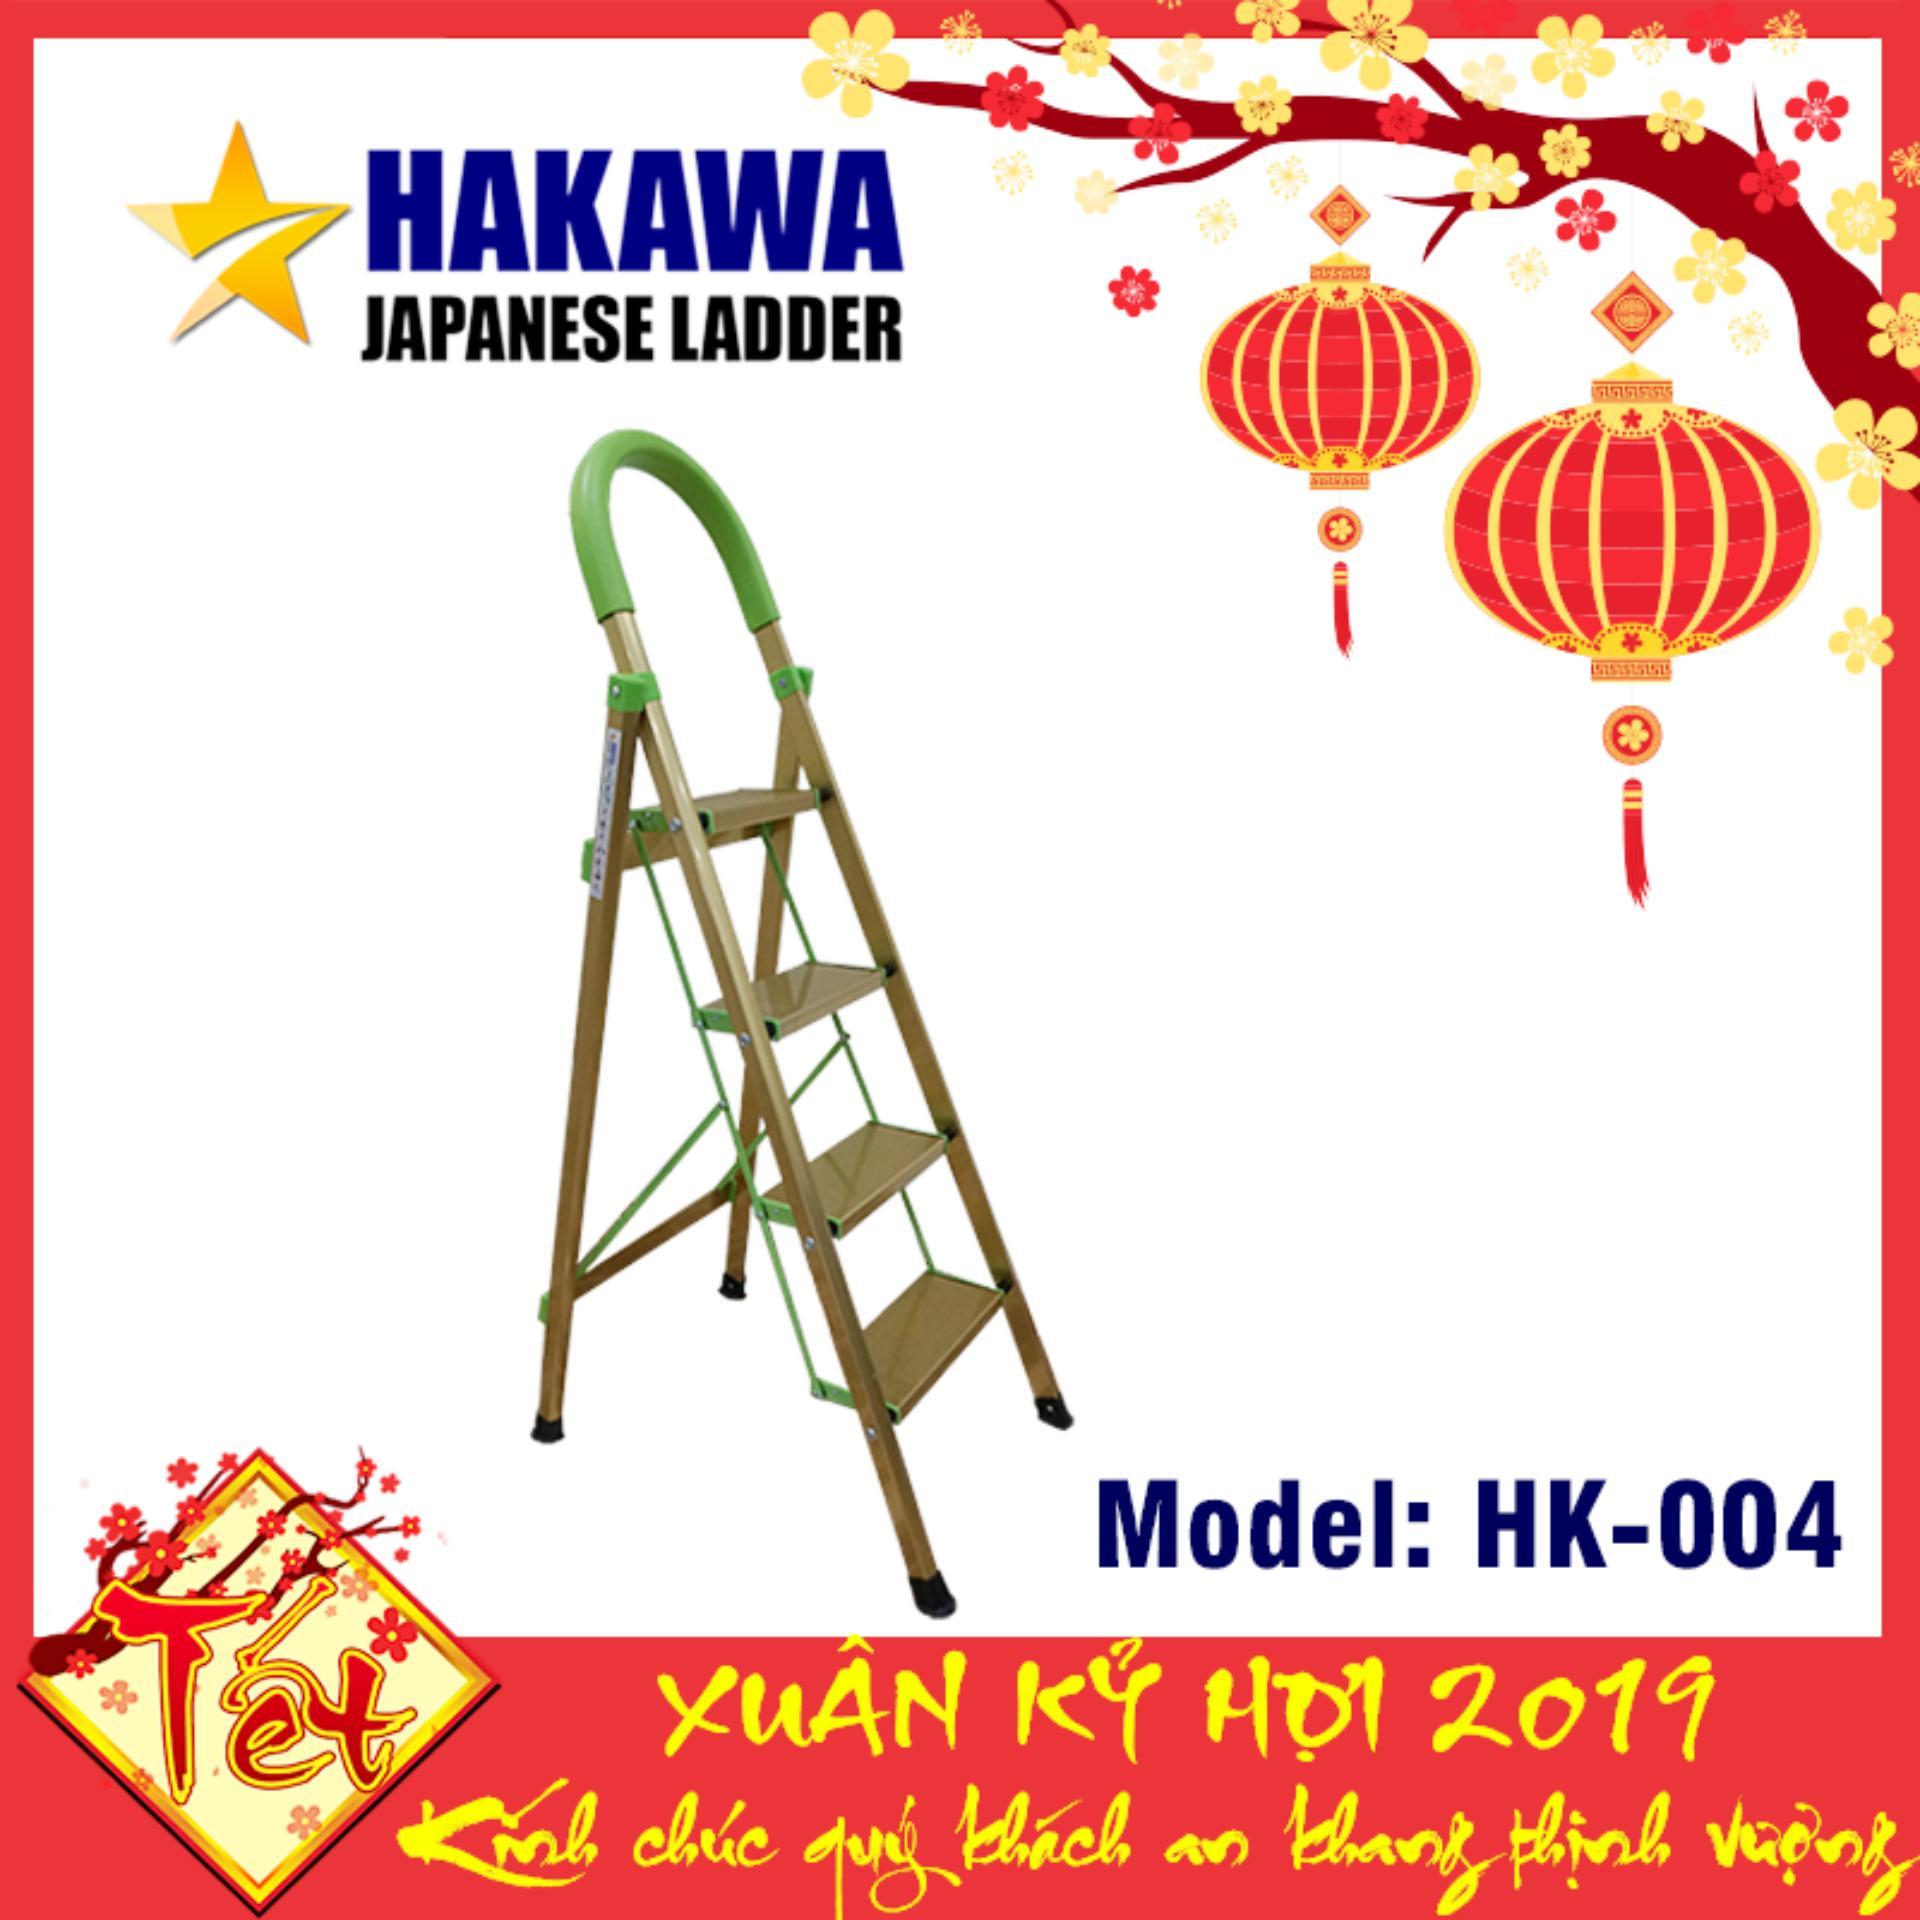 [GIAO HÀNG TOÀN QUỐC] Thang nhôm ghế HAKAWA HAKAWA HK004 - Vật dụng cần thiết cho cho mọi nhà